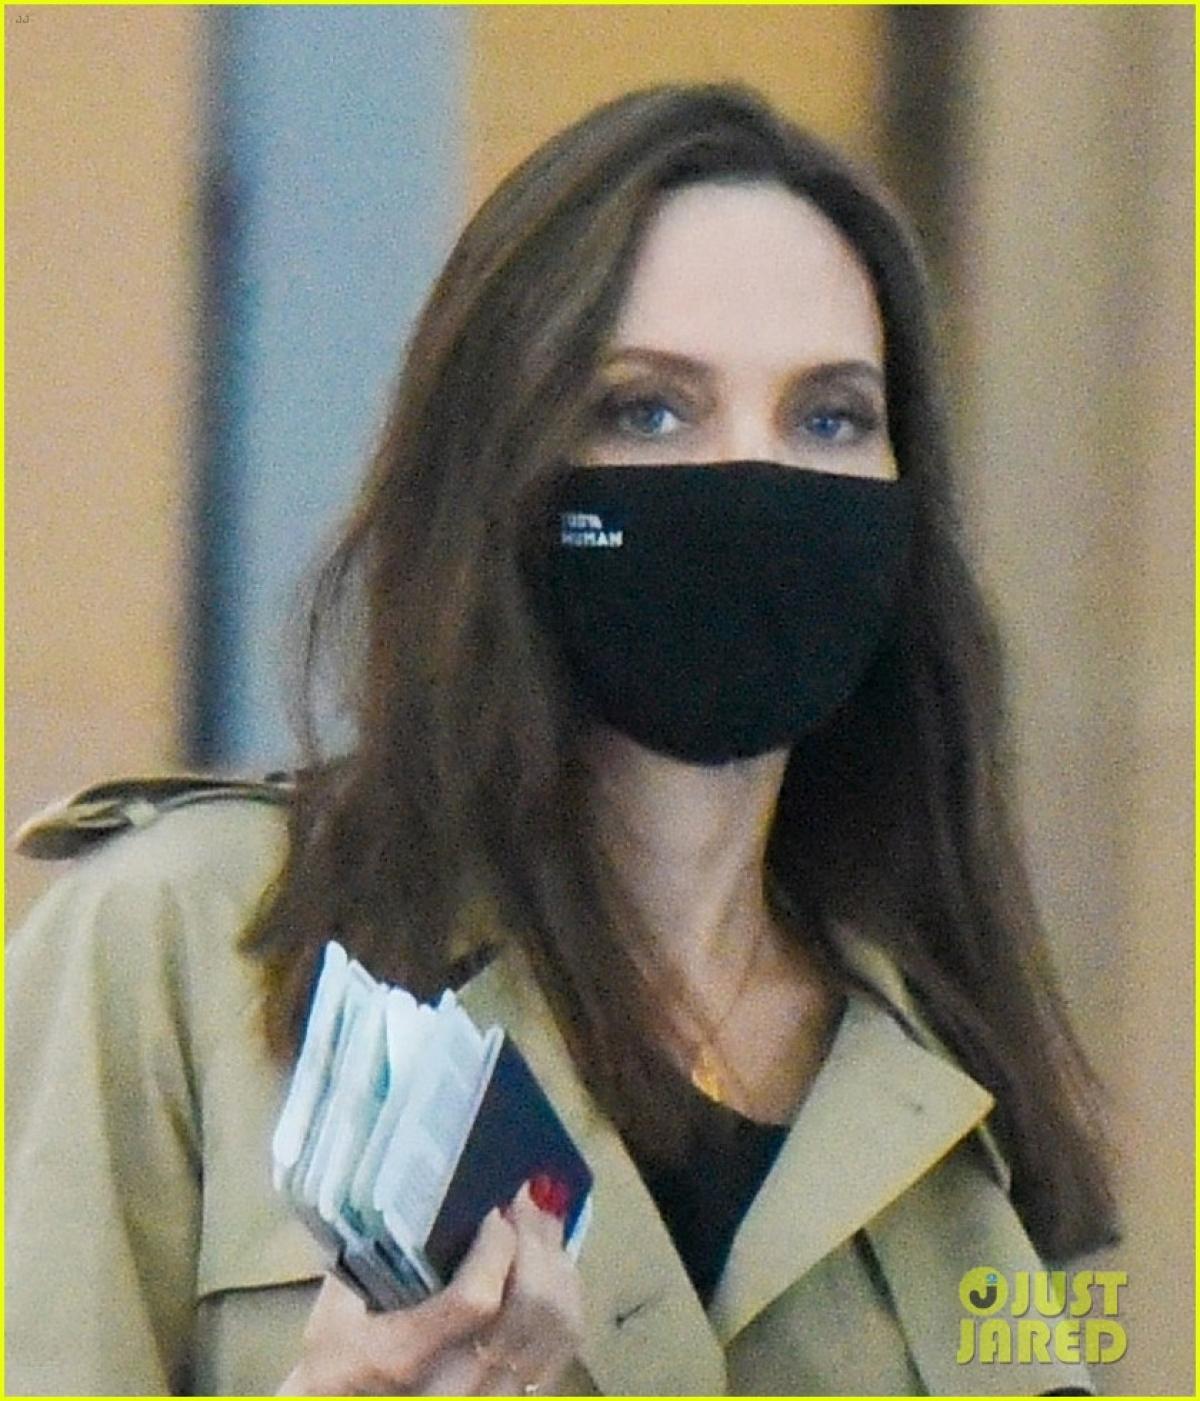 Nữ diễn viên buông tóc xõa, mặc đồ giản dị và đeo khẩu trang cẩn thận ra phố.